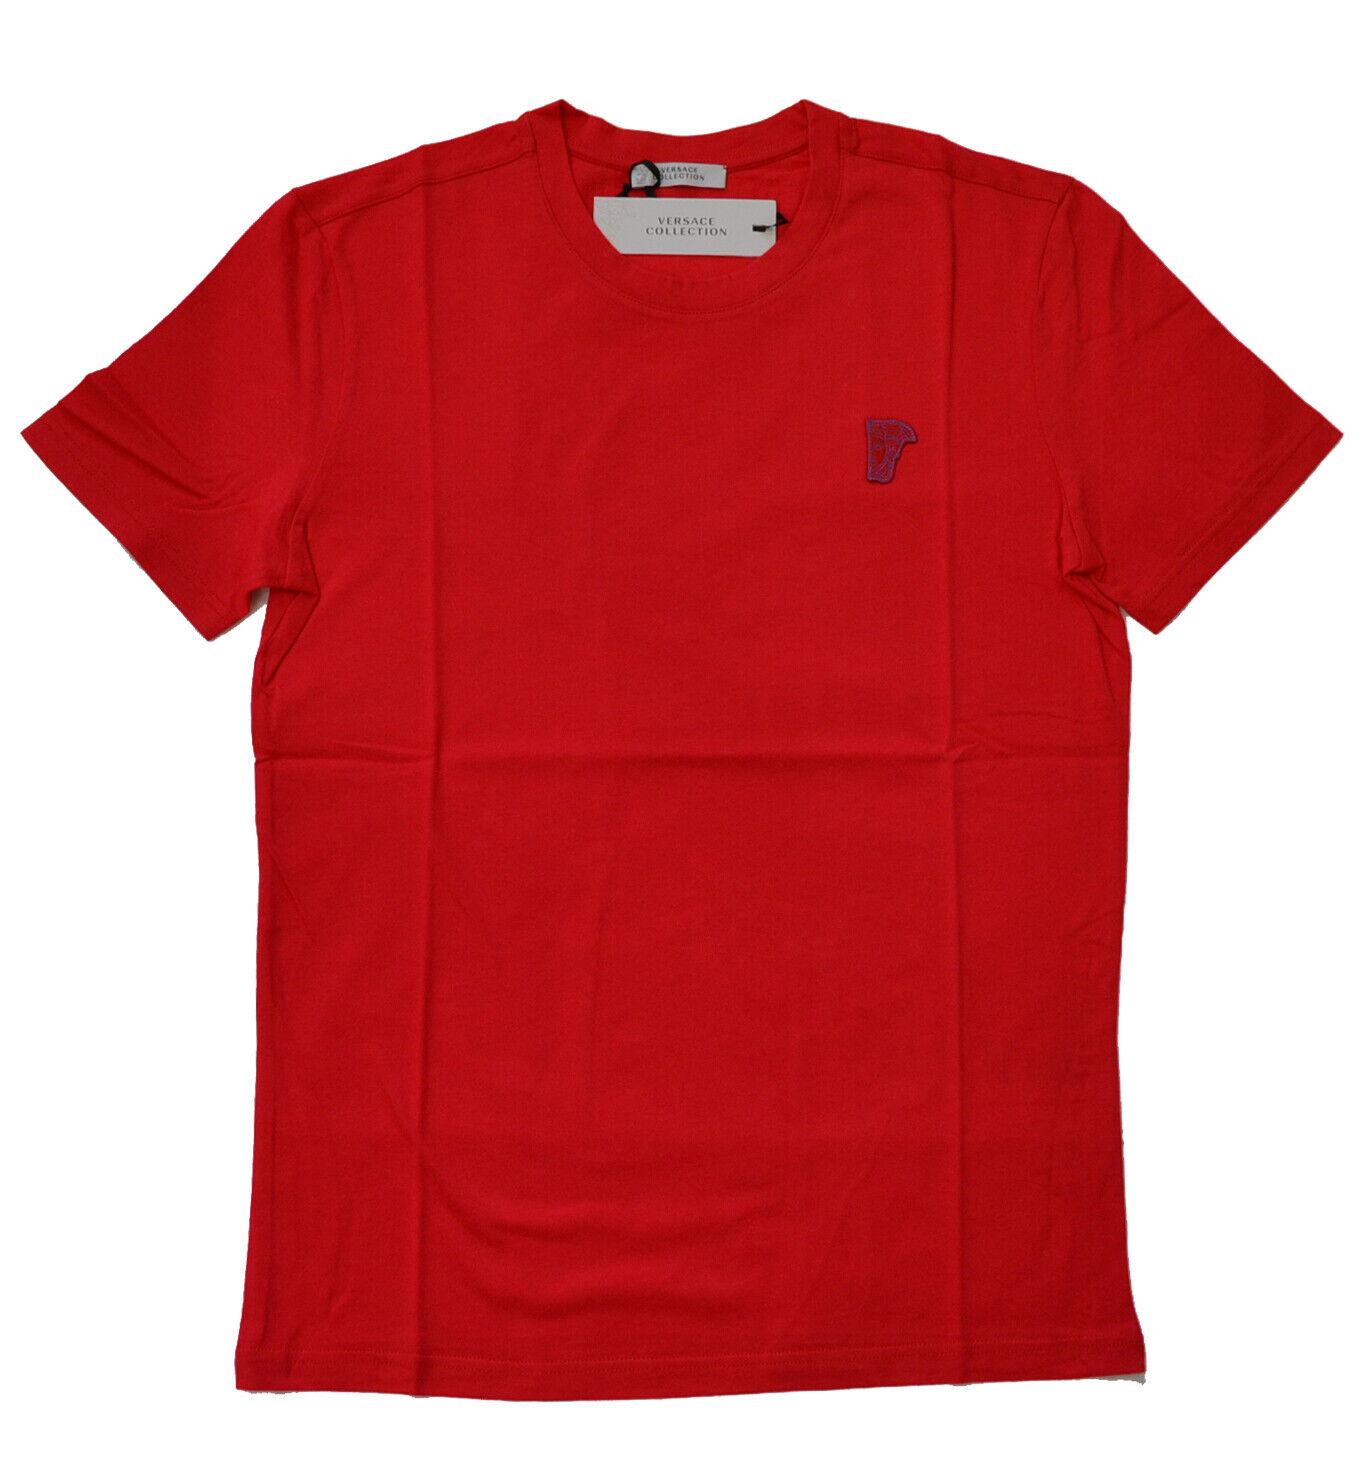 100% Auténtico Versace Camiseta Vj00056.brand  Nuevo con Etiqueta en Versace  Descuento del 70% barato